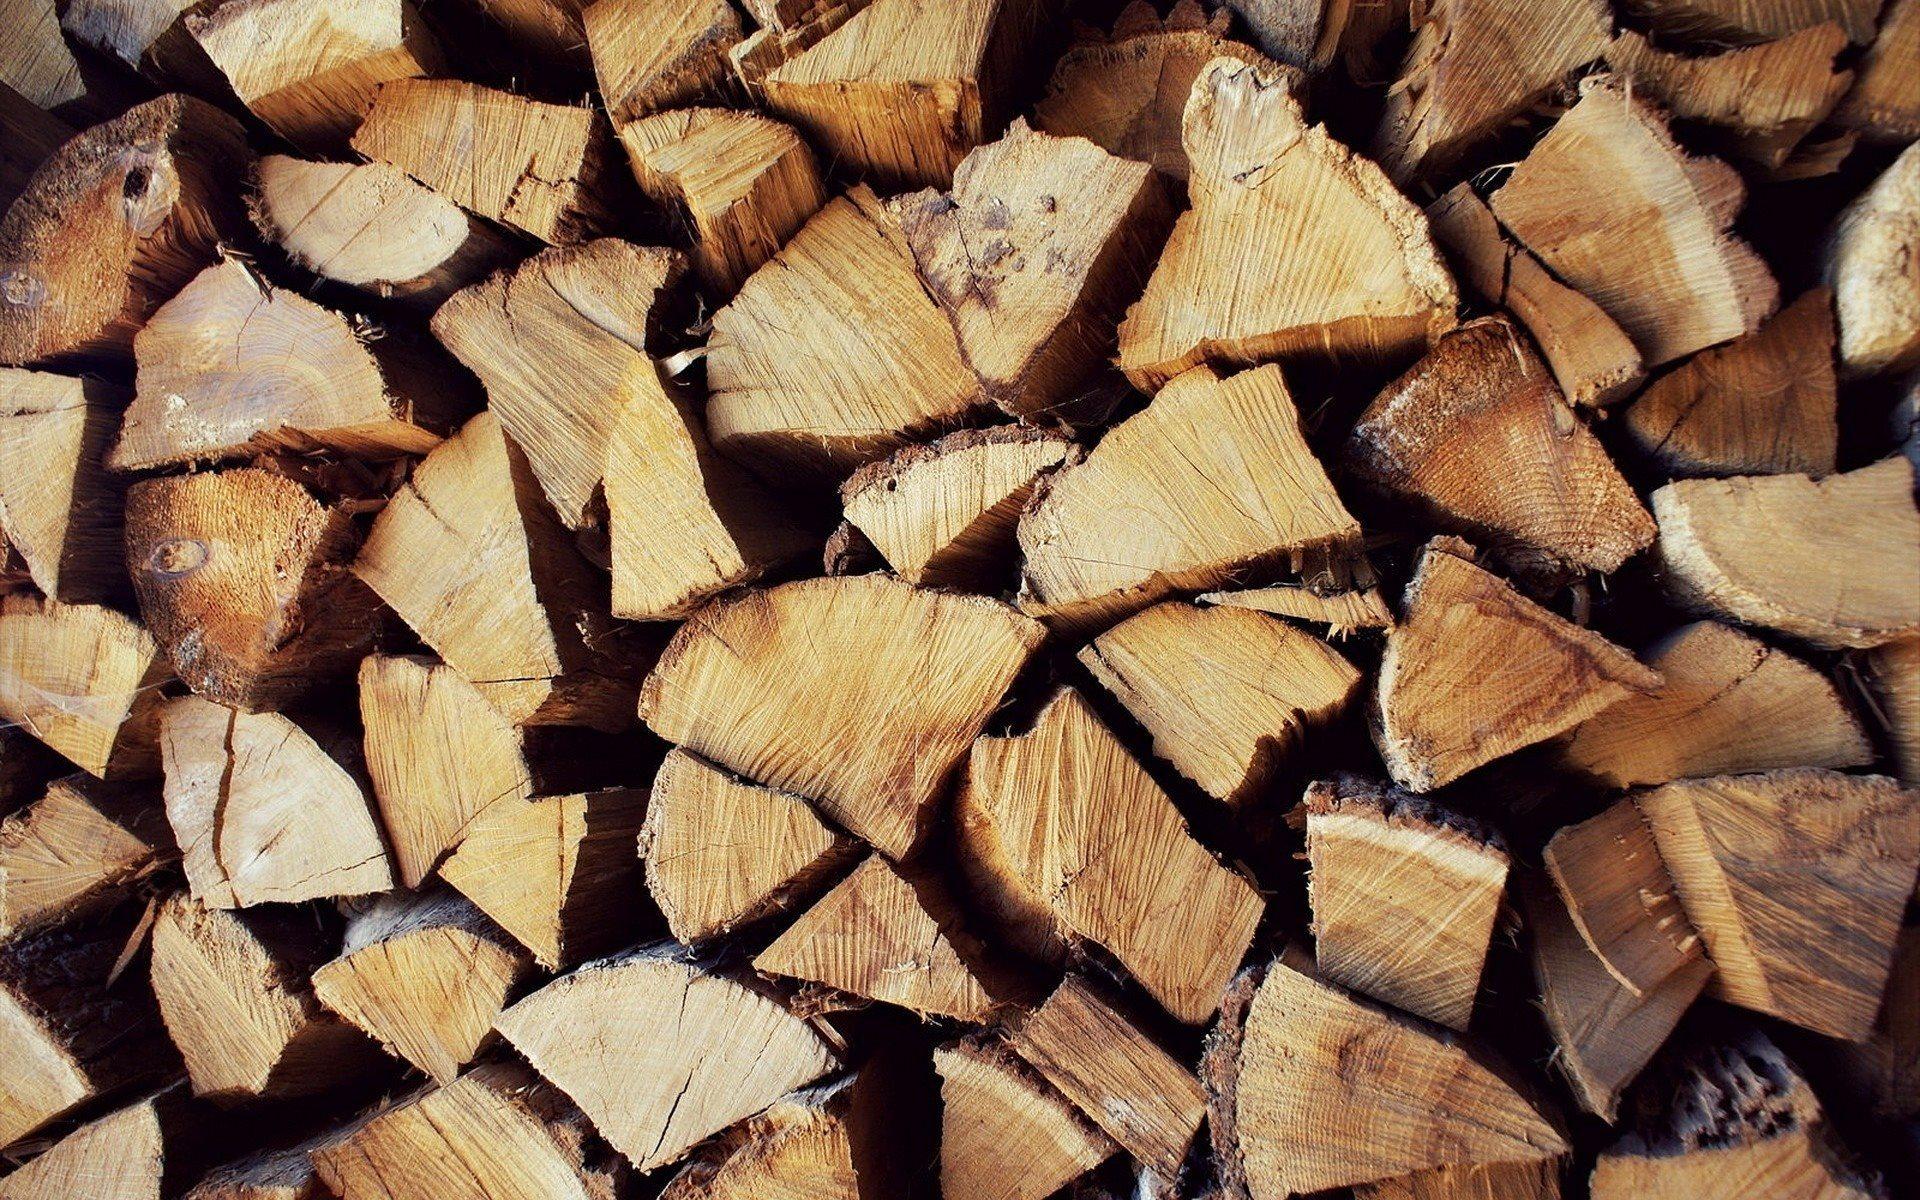 بالصور خلفيات خشب , احدث اشكال الخلفيات الخشبية 5126 9